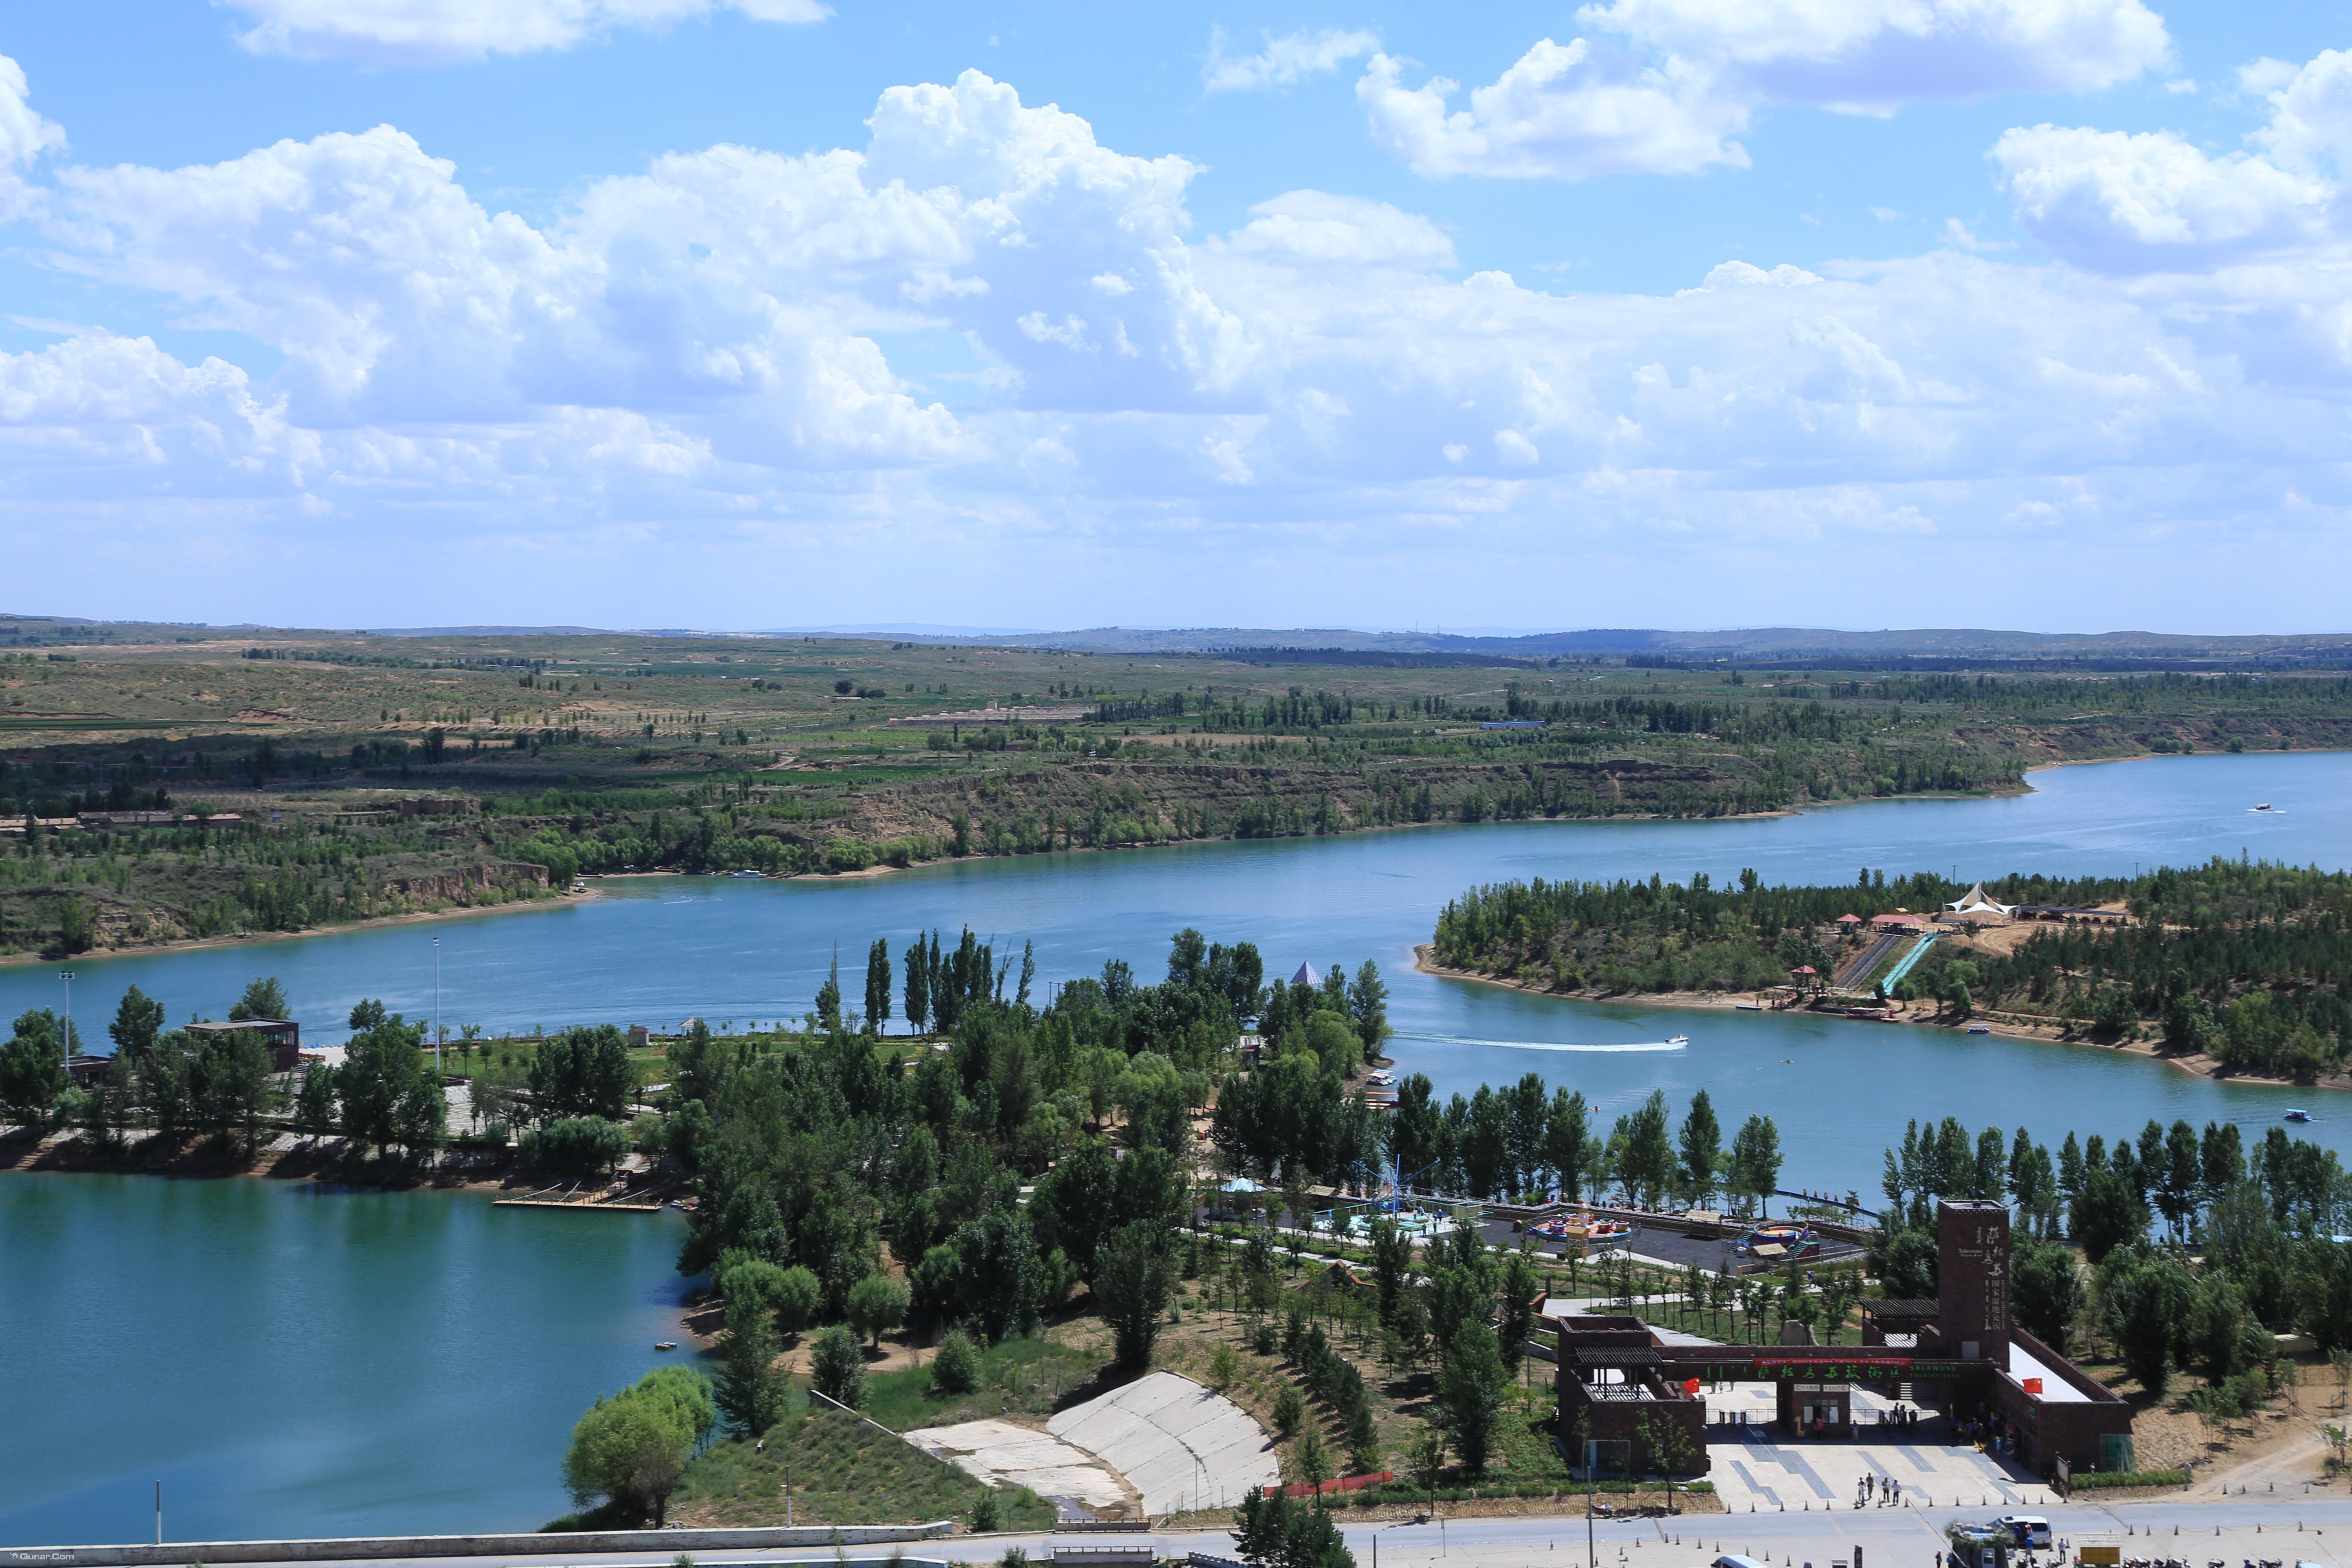 乌苏待普森旅游风景区分享展示